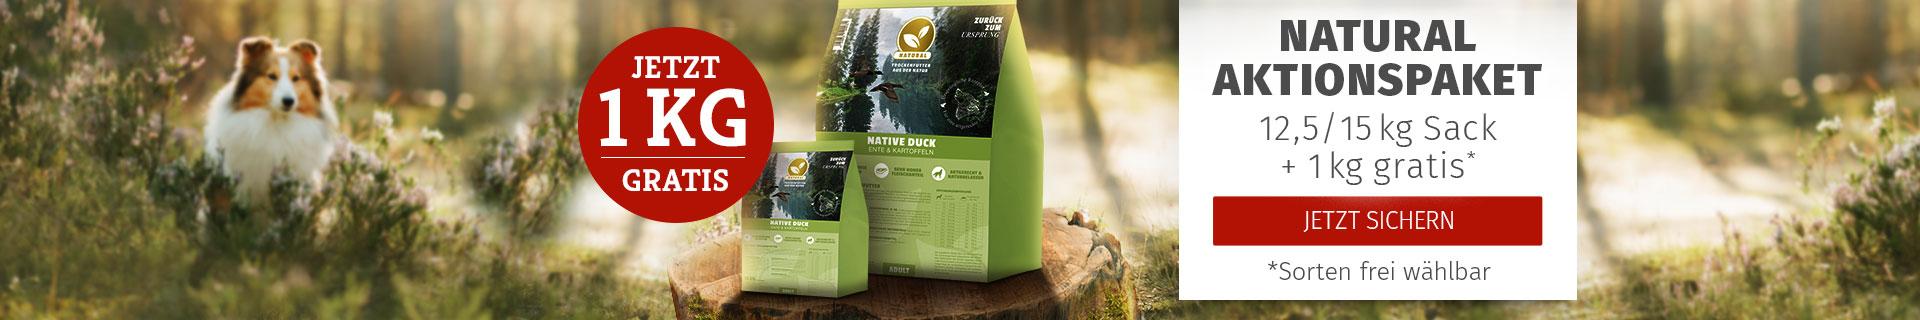 Natural Trockenfutter Aktionspaket - 12,5/15kg Sack + 1,5kg gratis